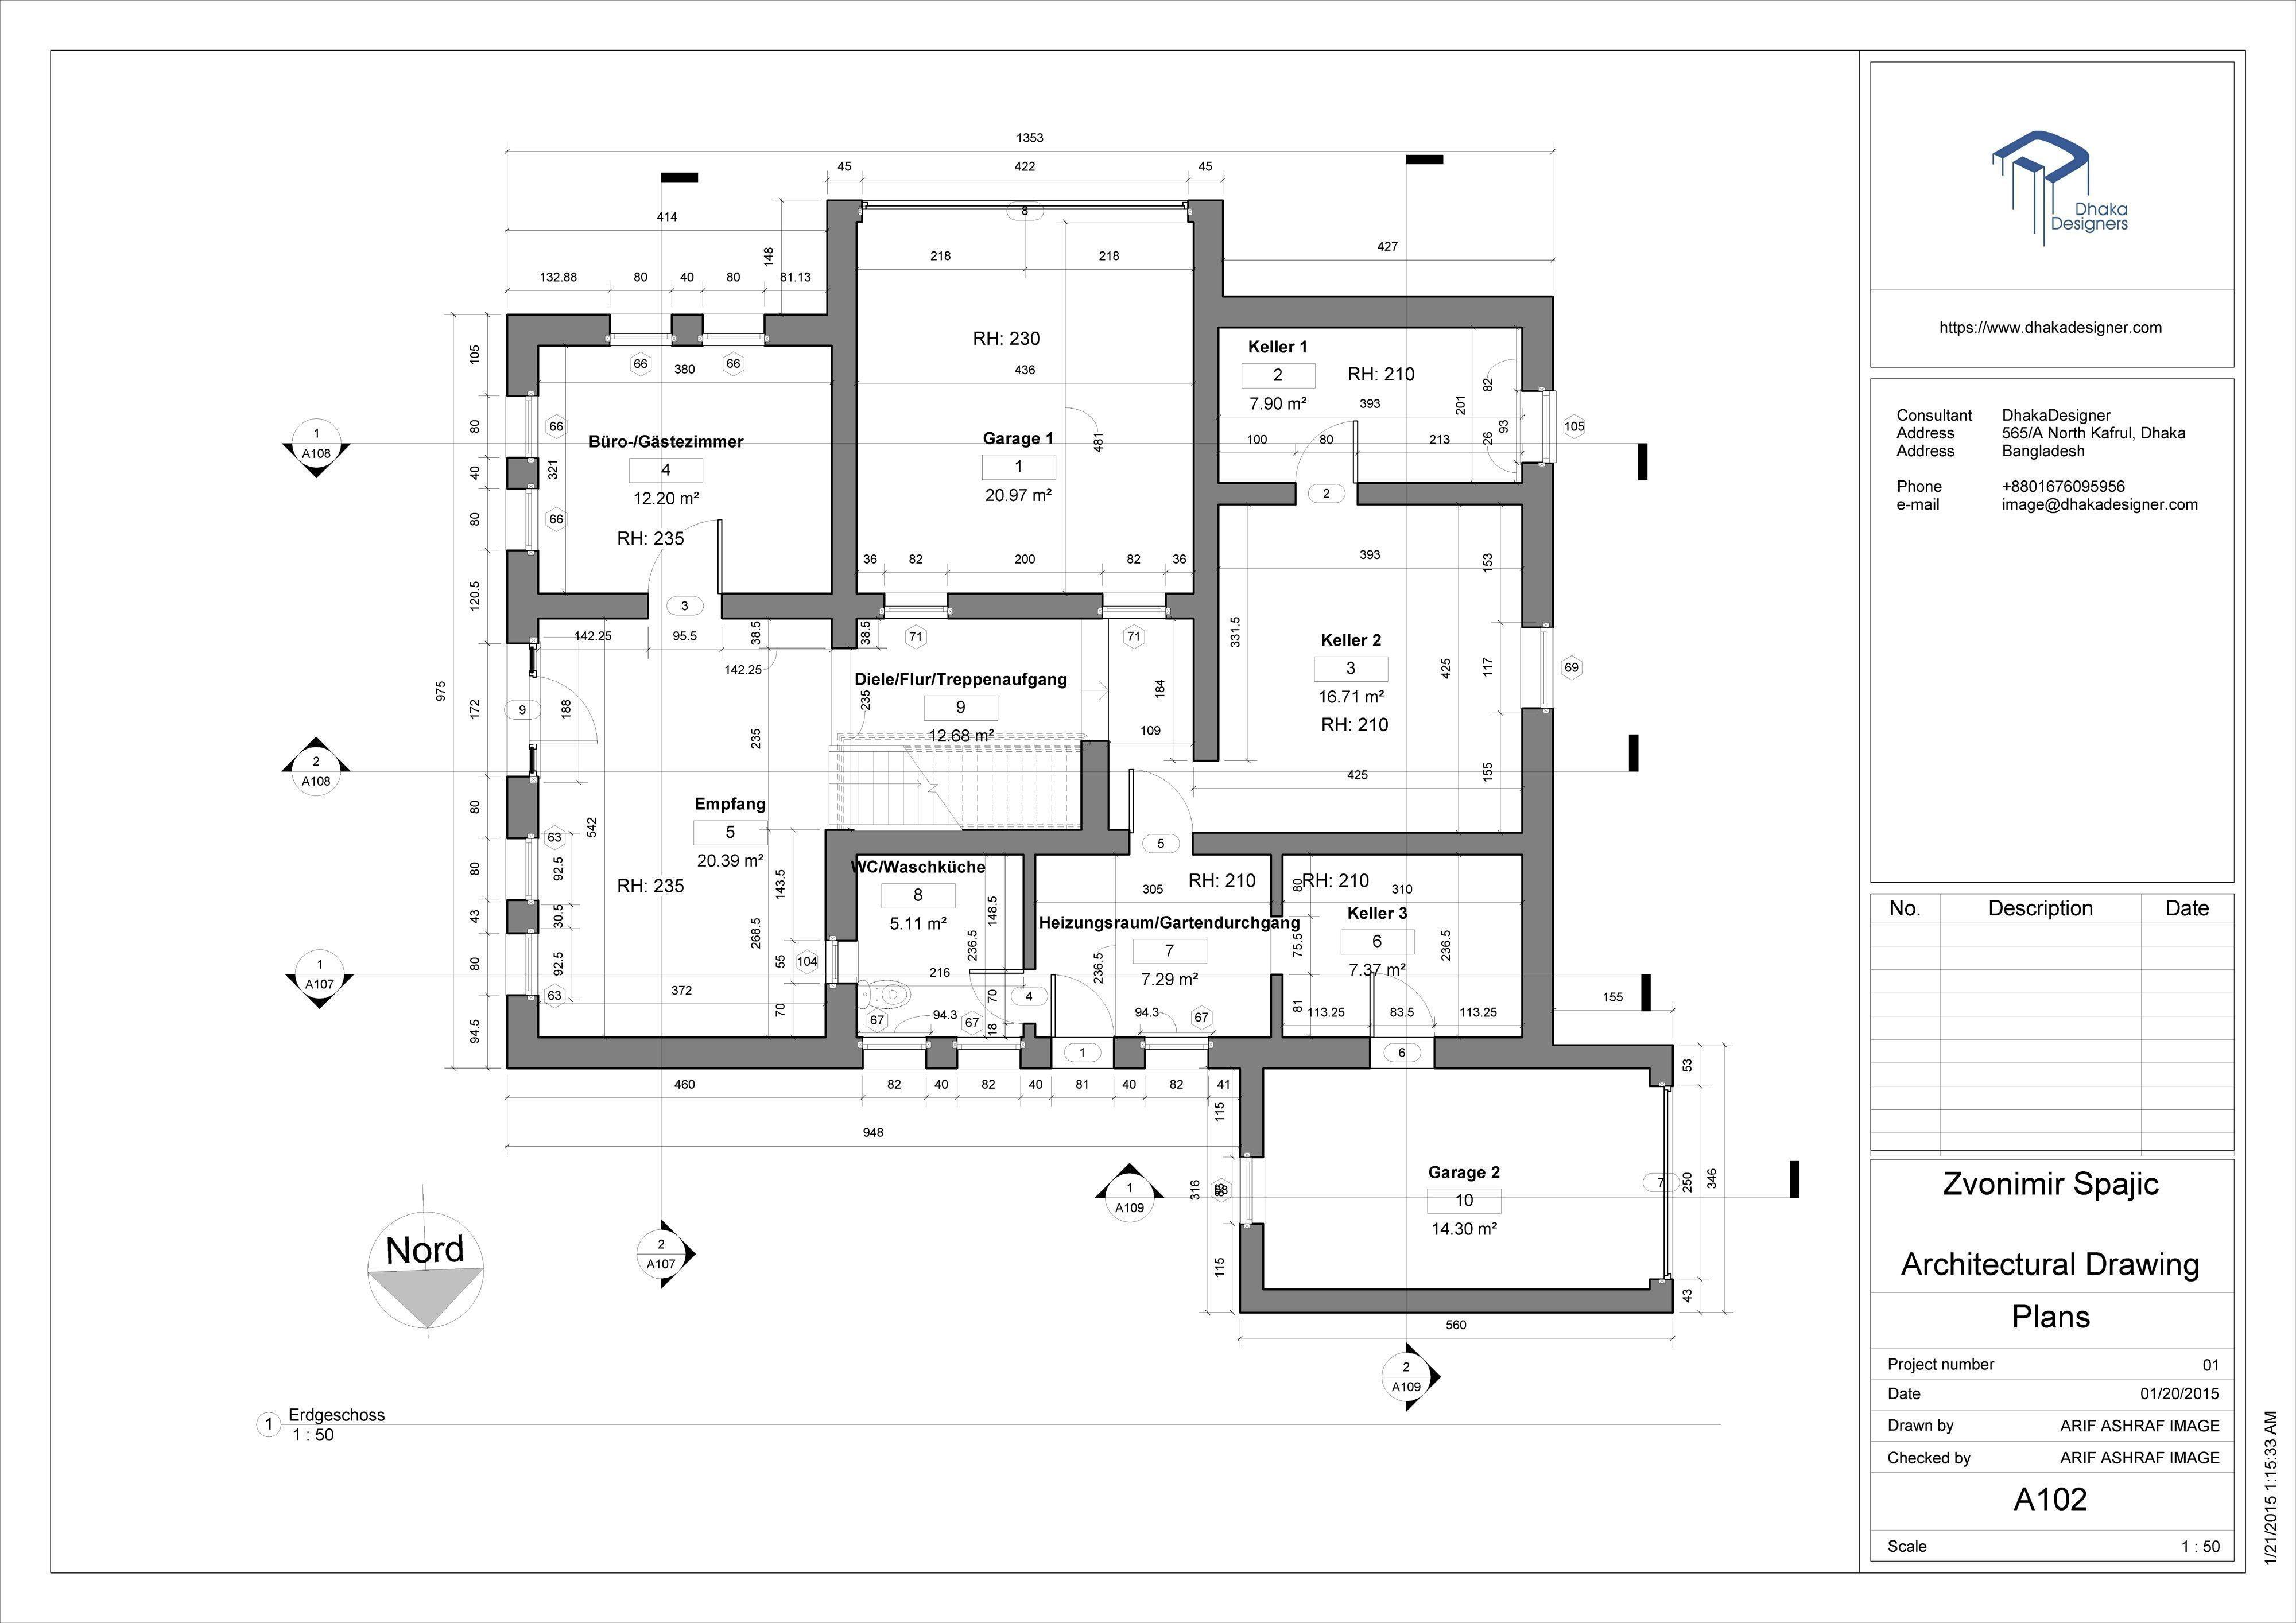 3 Bedroom Floor Plan Nigeria